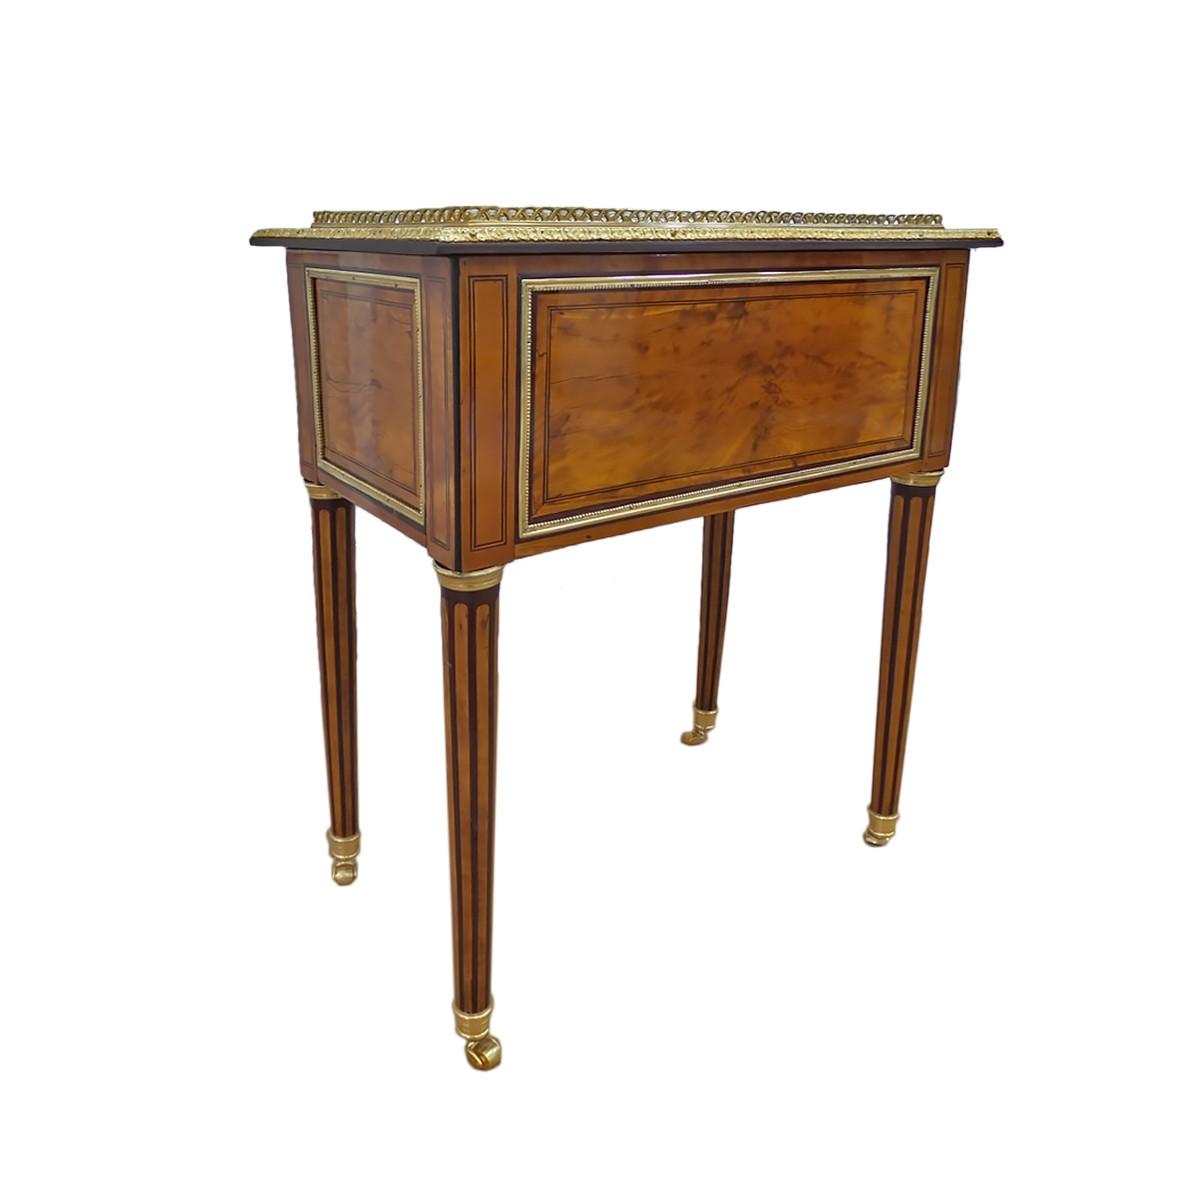 Petits Meubles Anciens Antiquit S Anticstore # Meuble D'Appoint Imitation Ancien